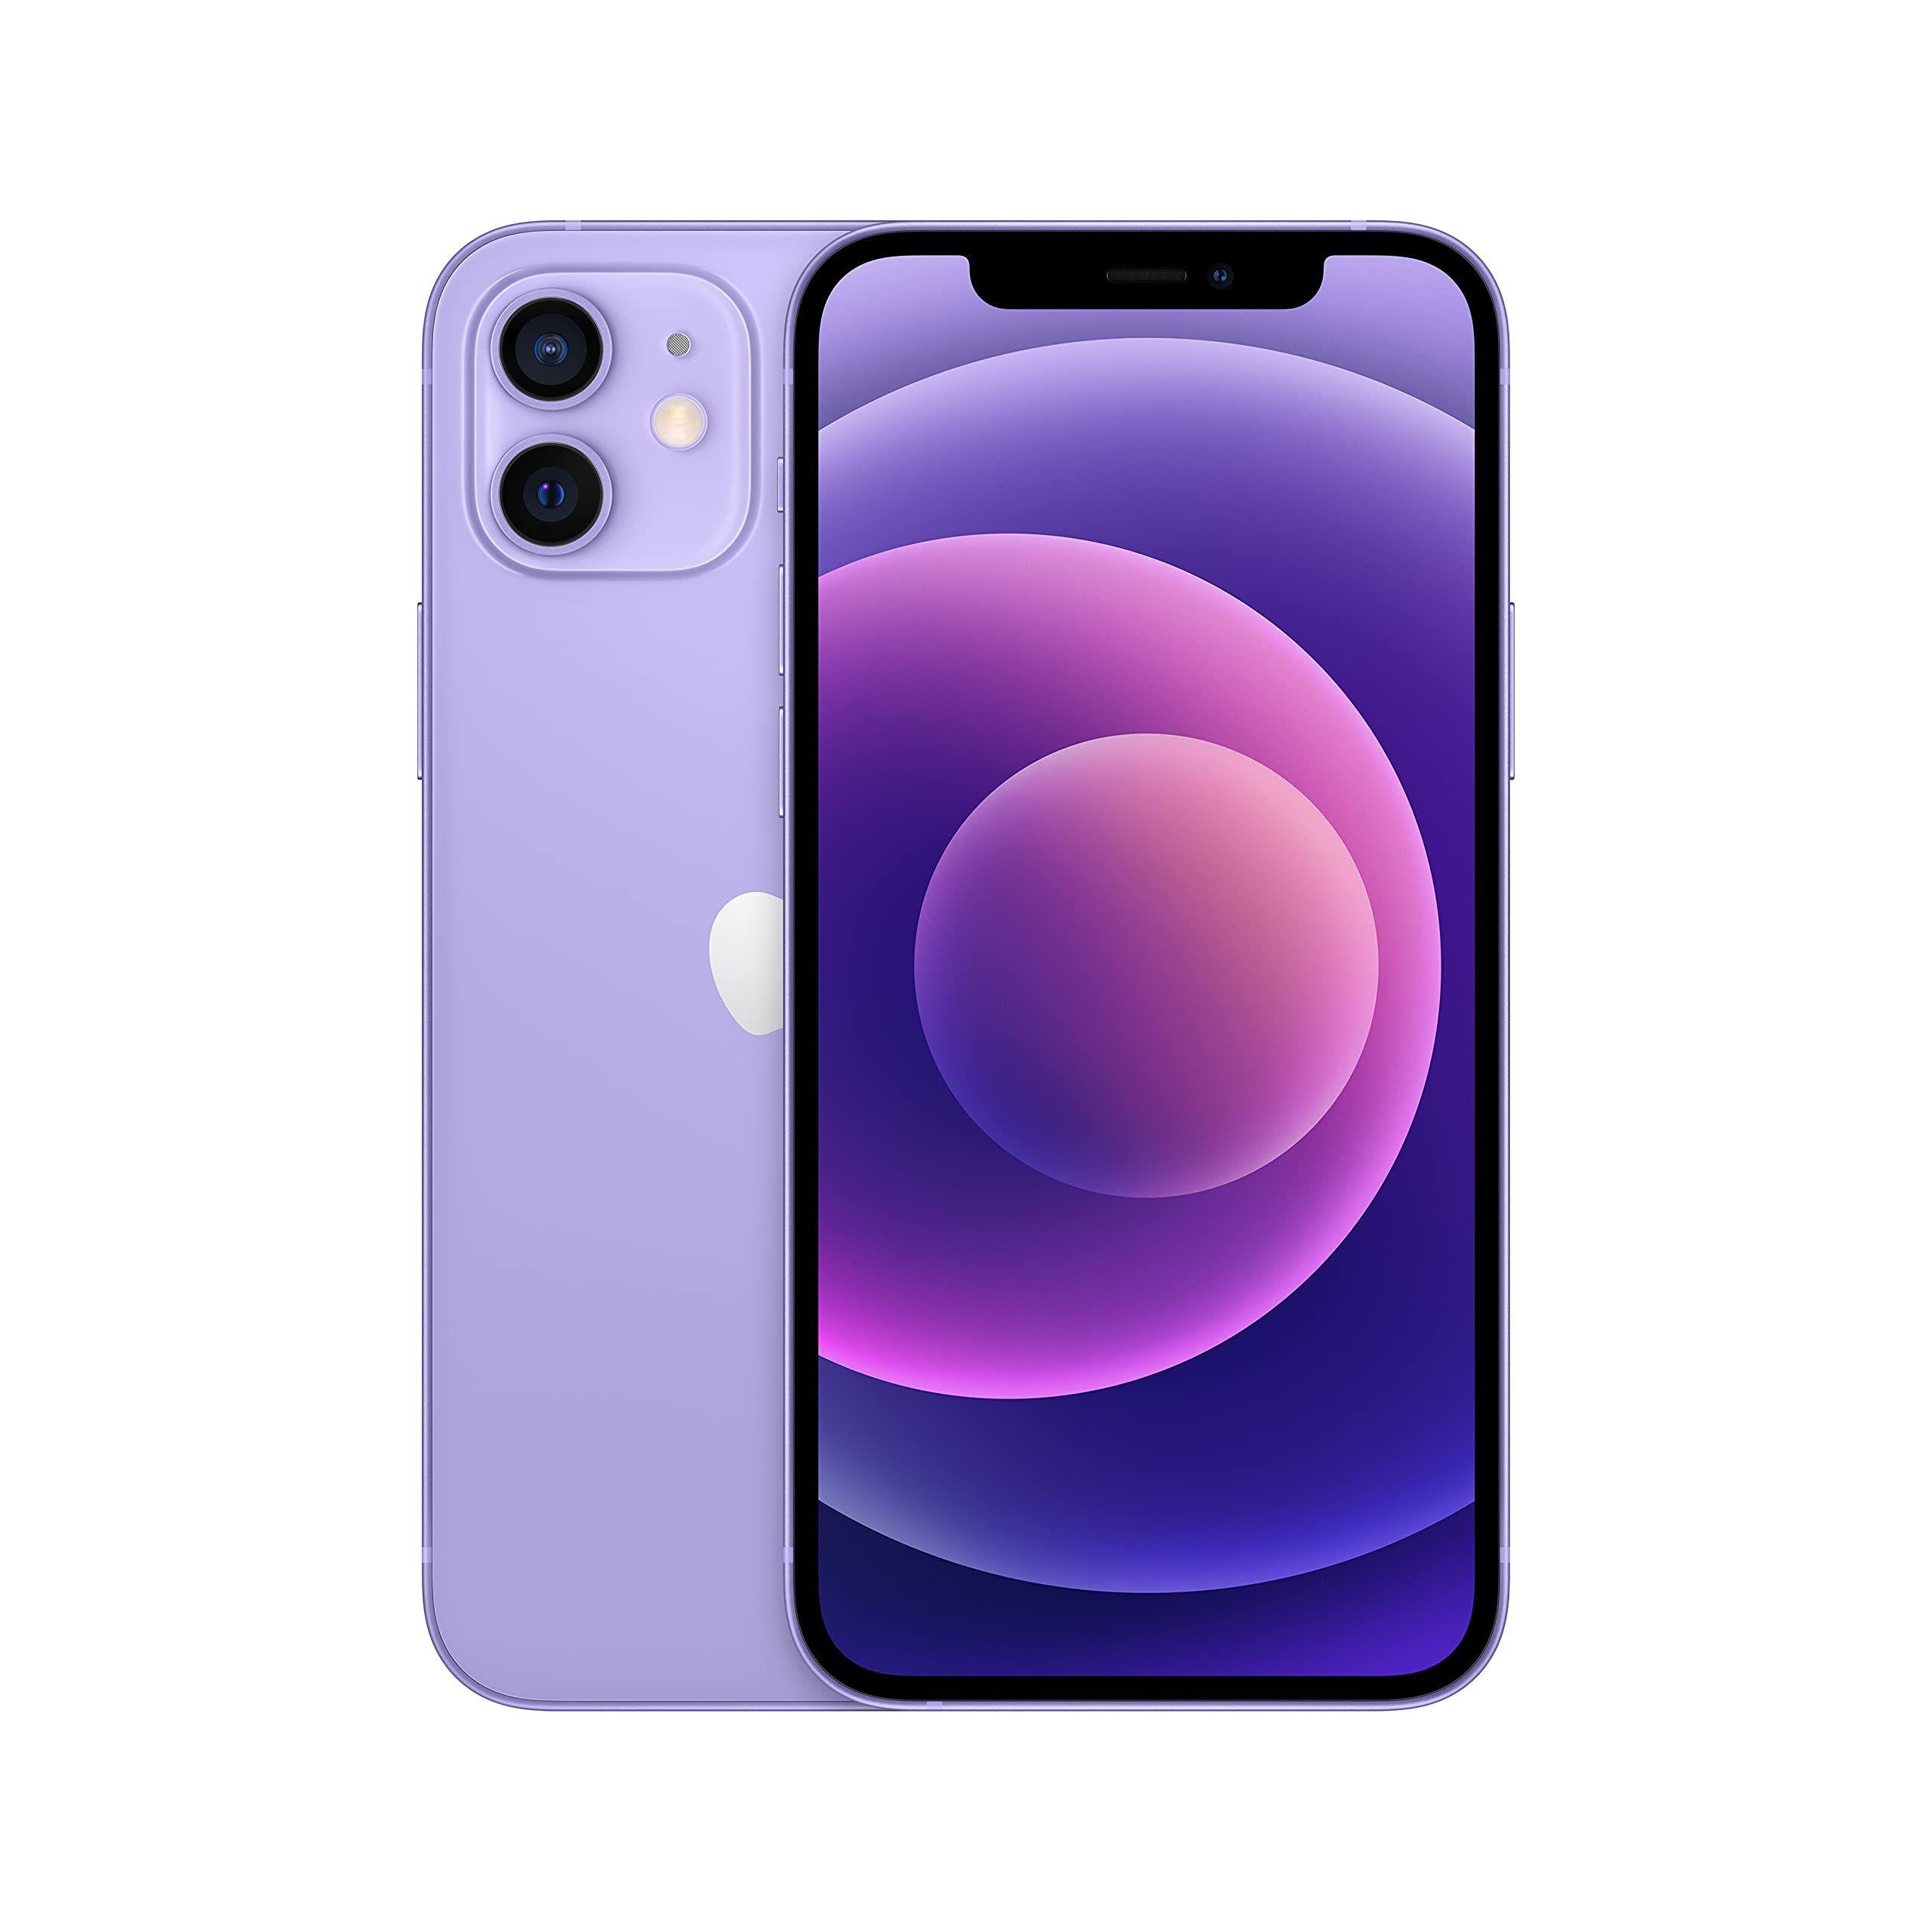 Apple se disculpa por los modelos 12 defectuosos de su Iphone de color lila